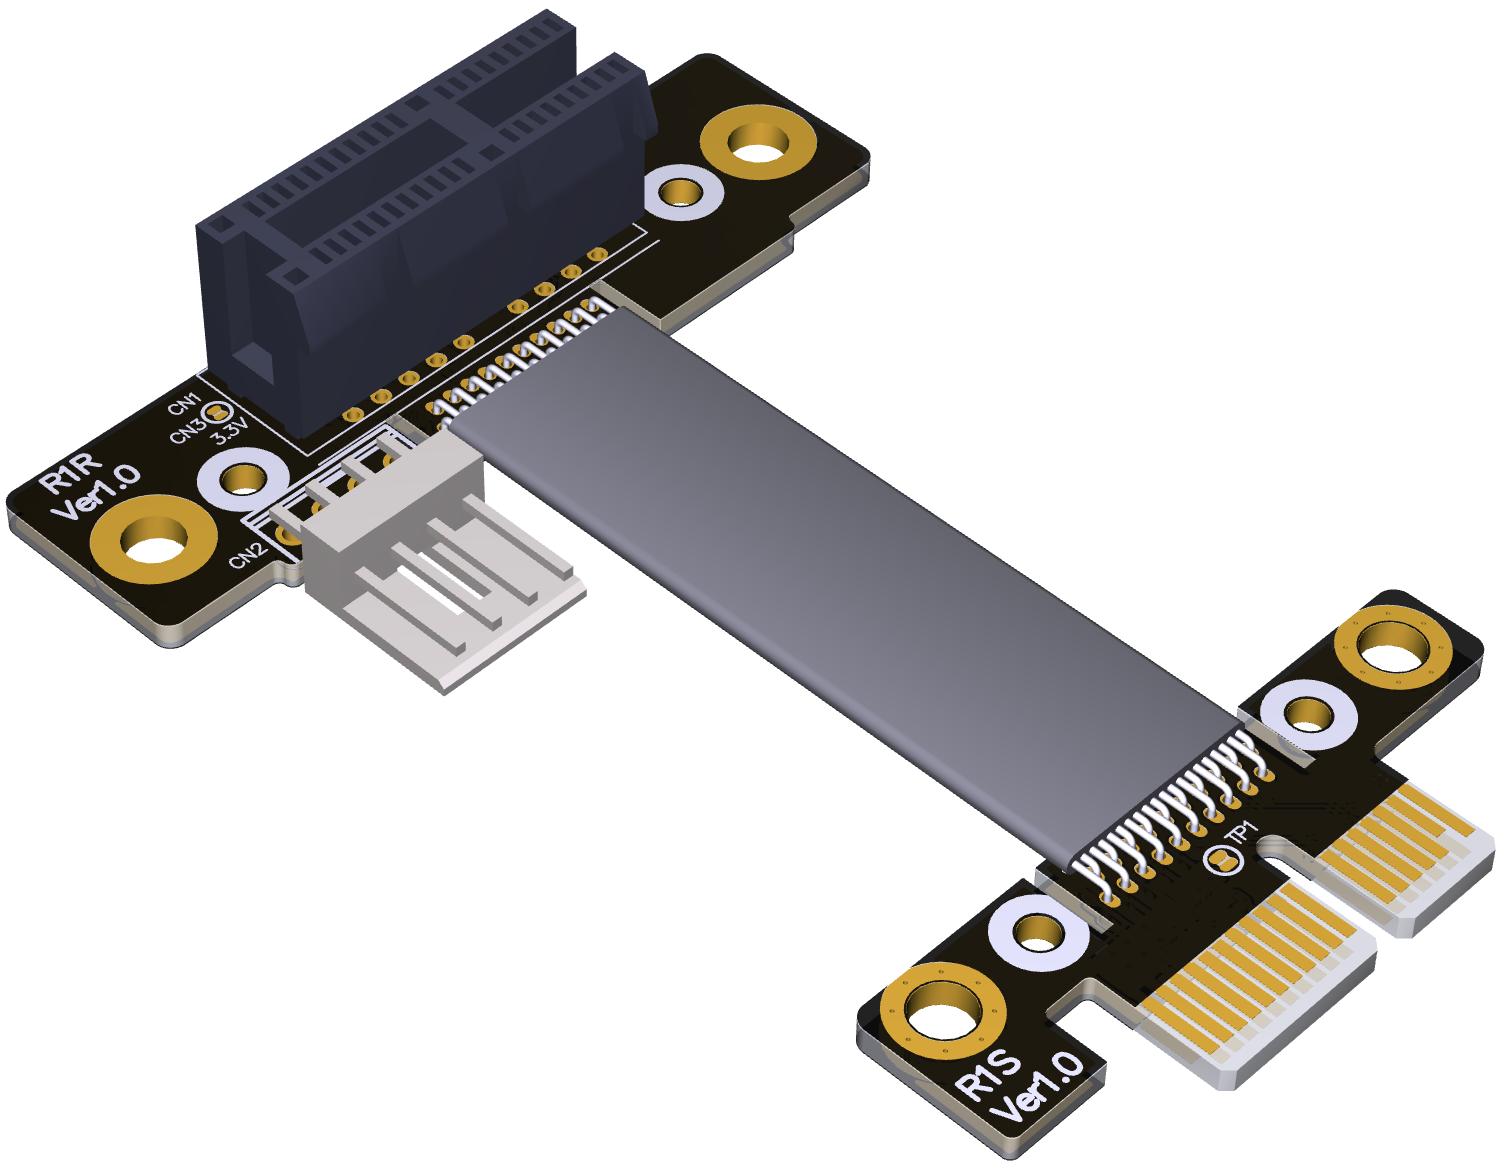 Grafikkarten-Verlängerungskabel PCIE x1 bis x16 3.0 Volle Geschwindigkeit